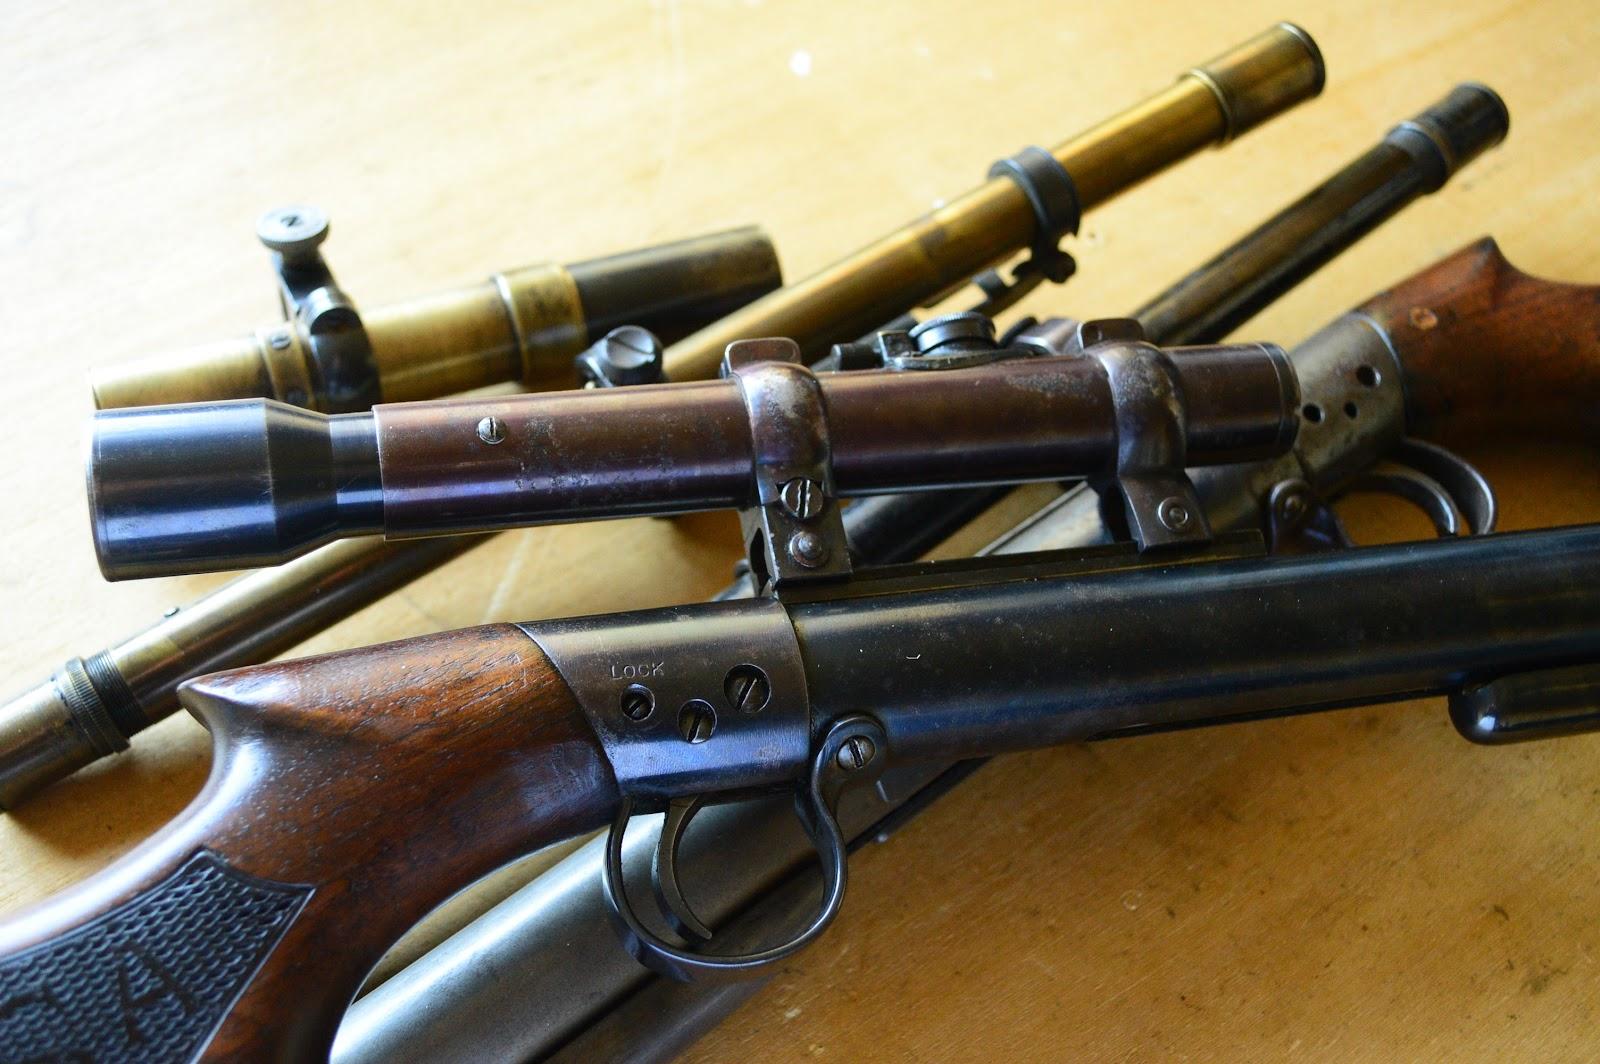 a vintage BSA air rifle